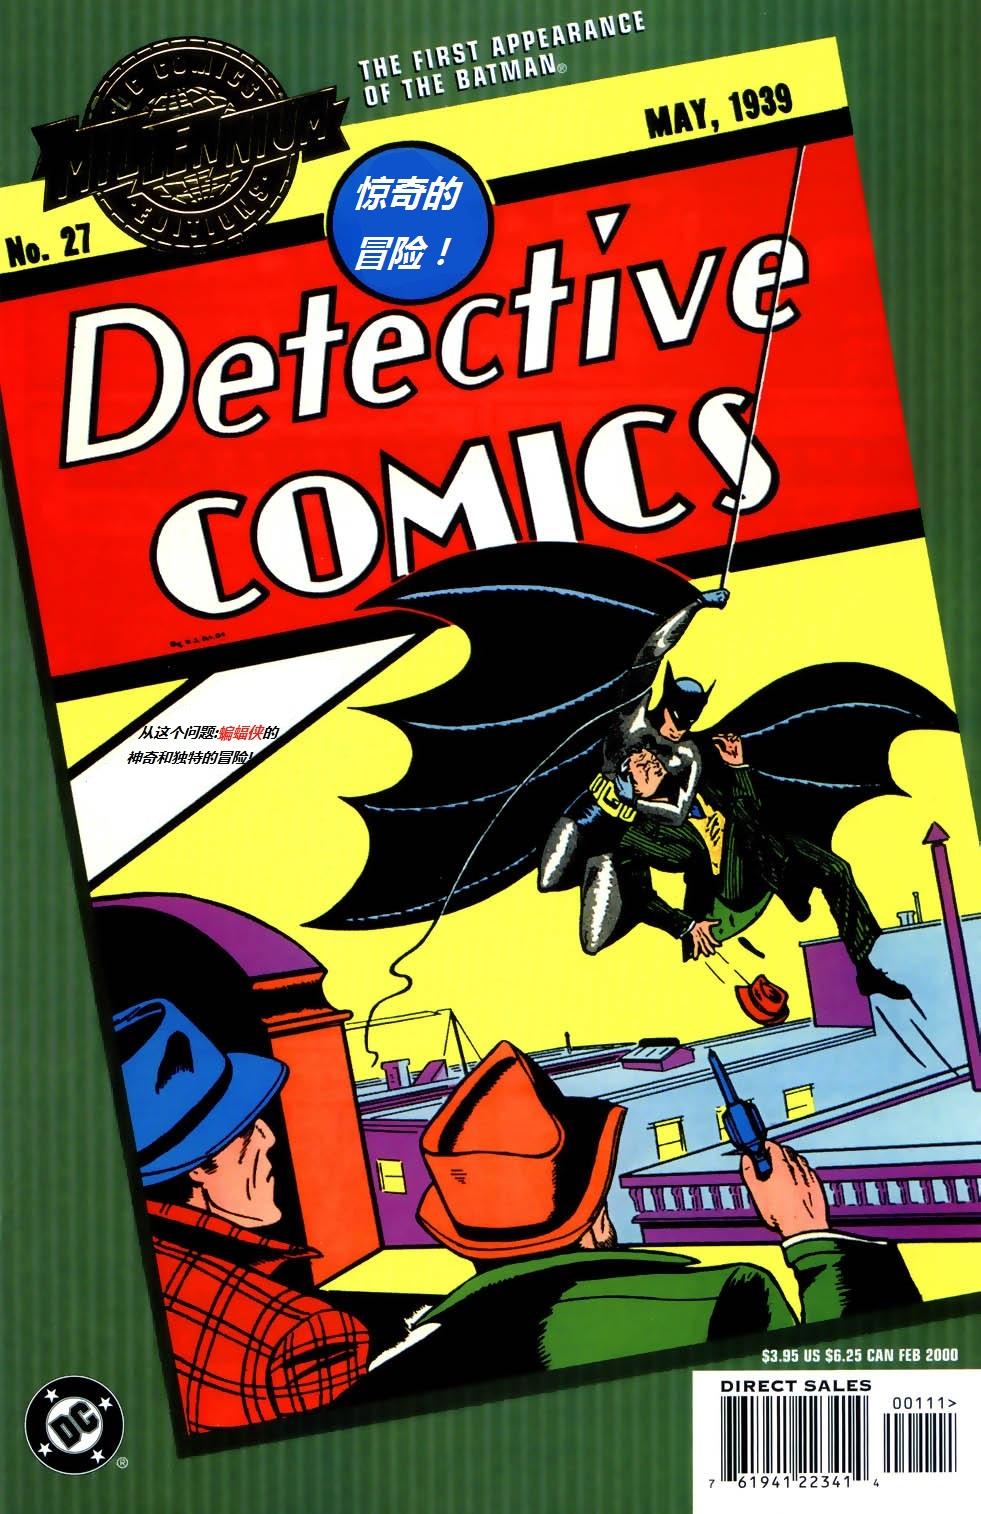 侦探漫画第27期(Detective Comics 27)